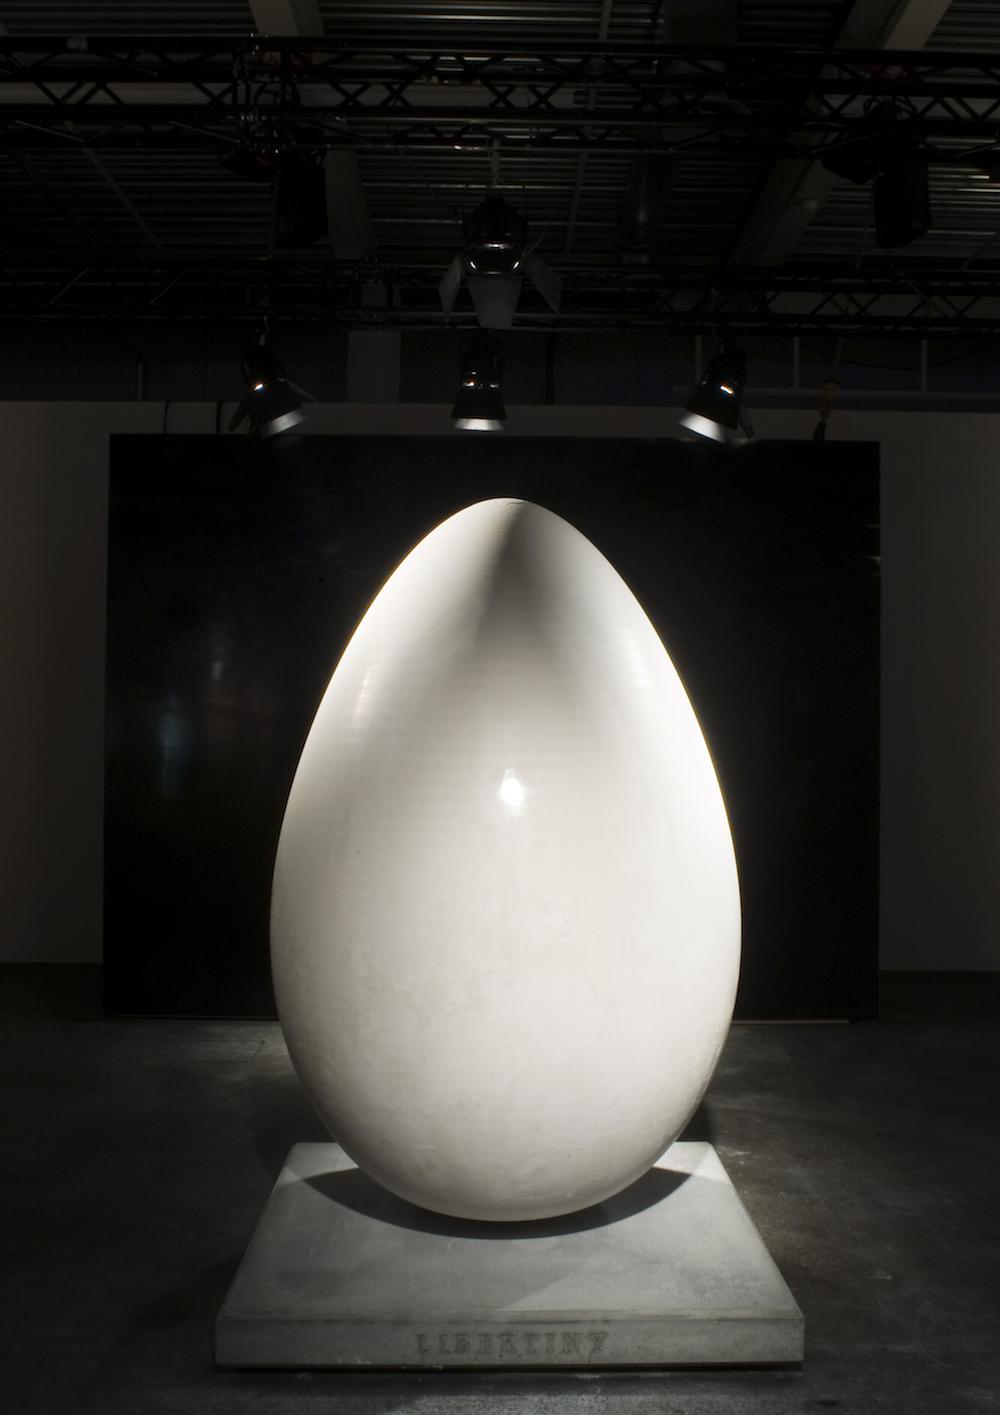 egg_02.jpg